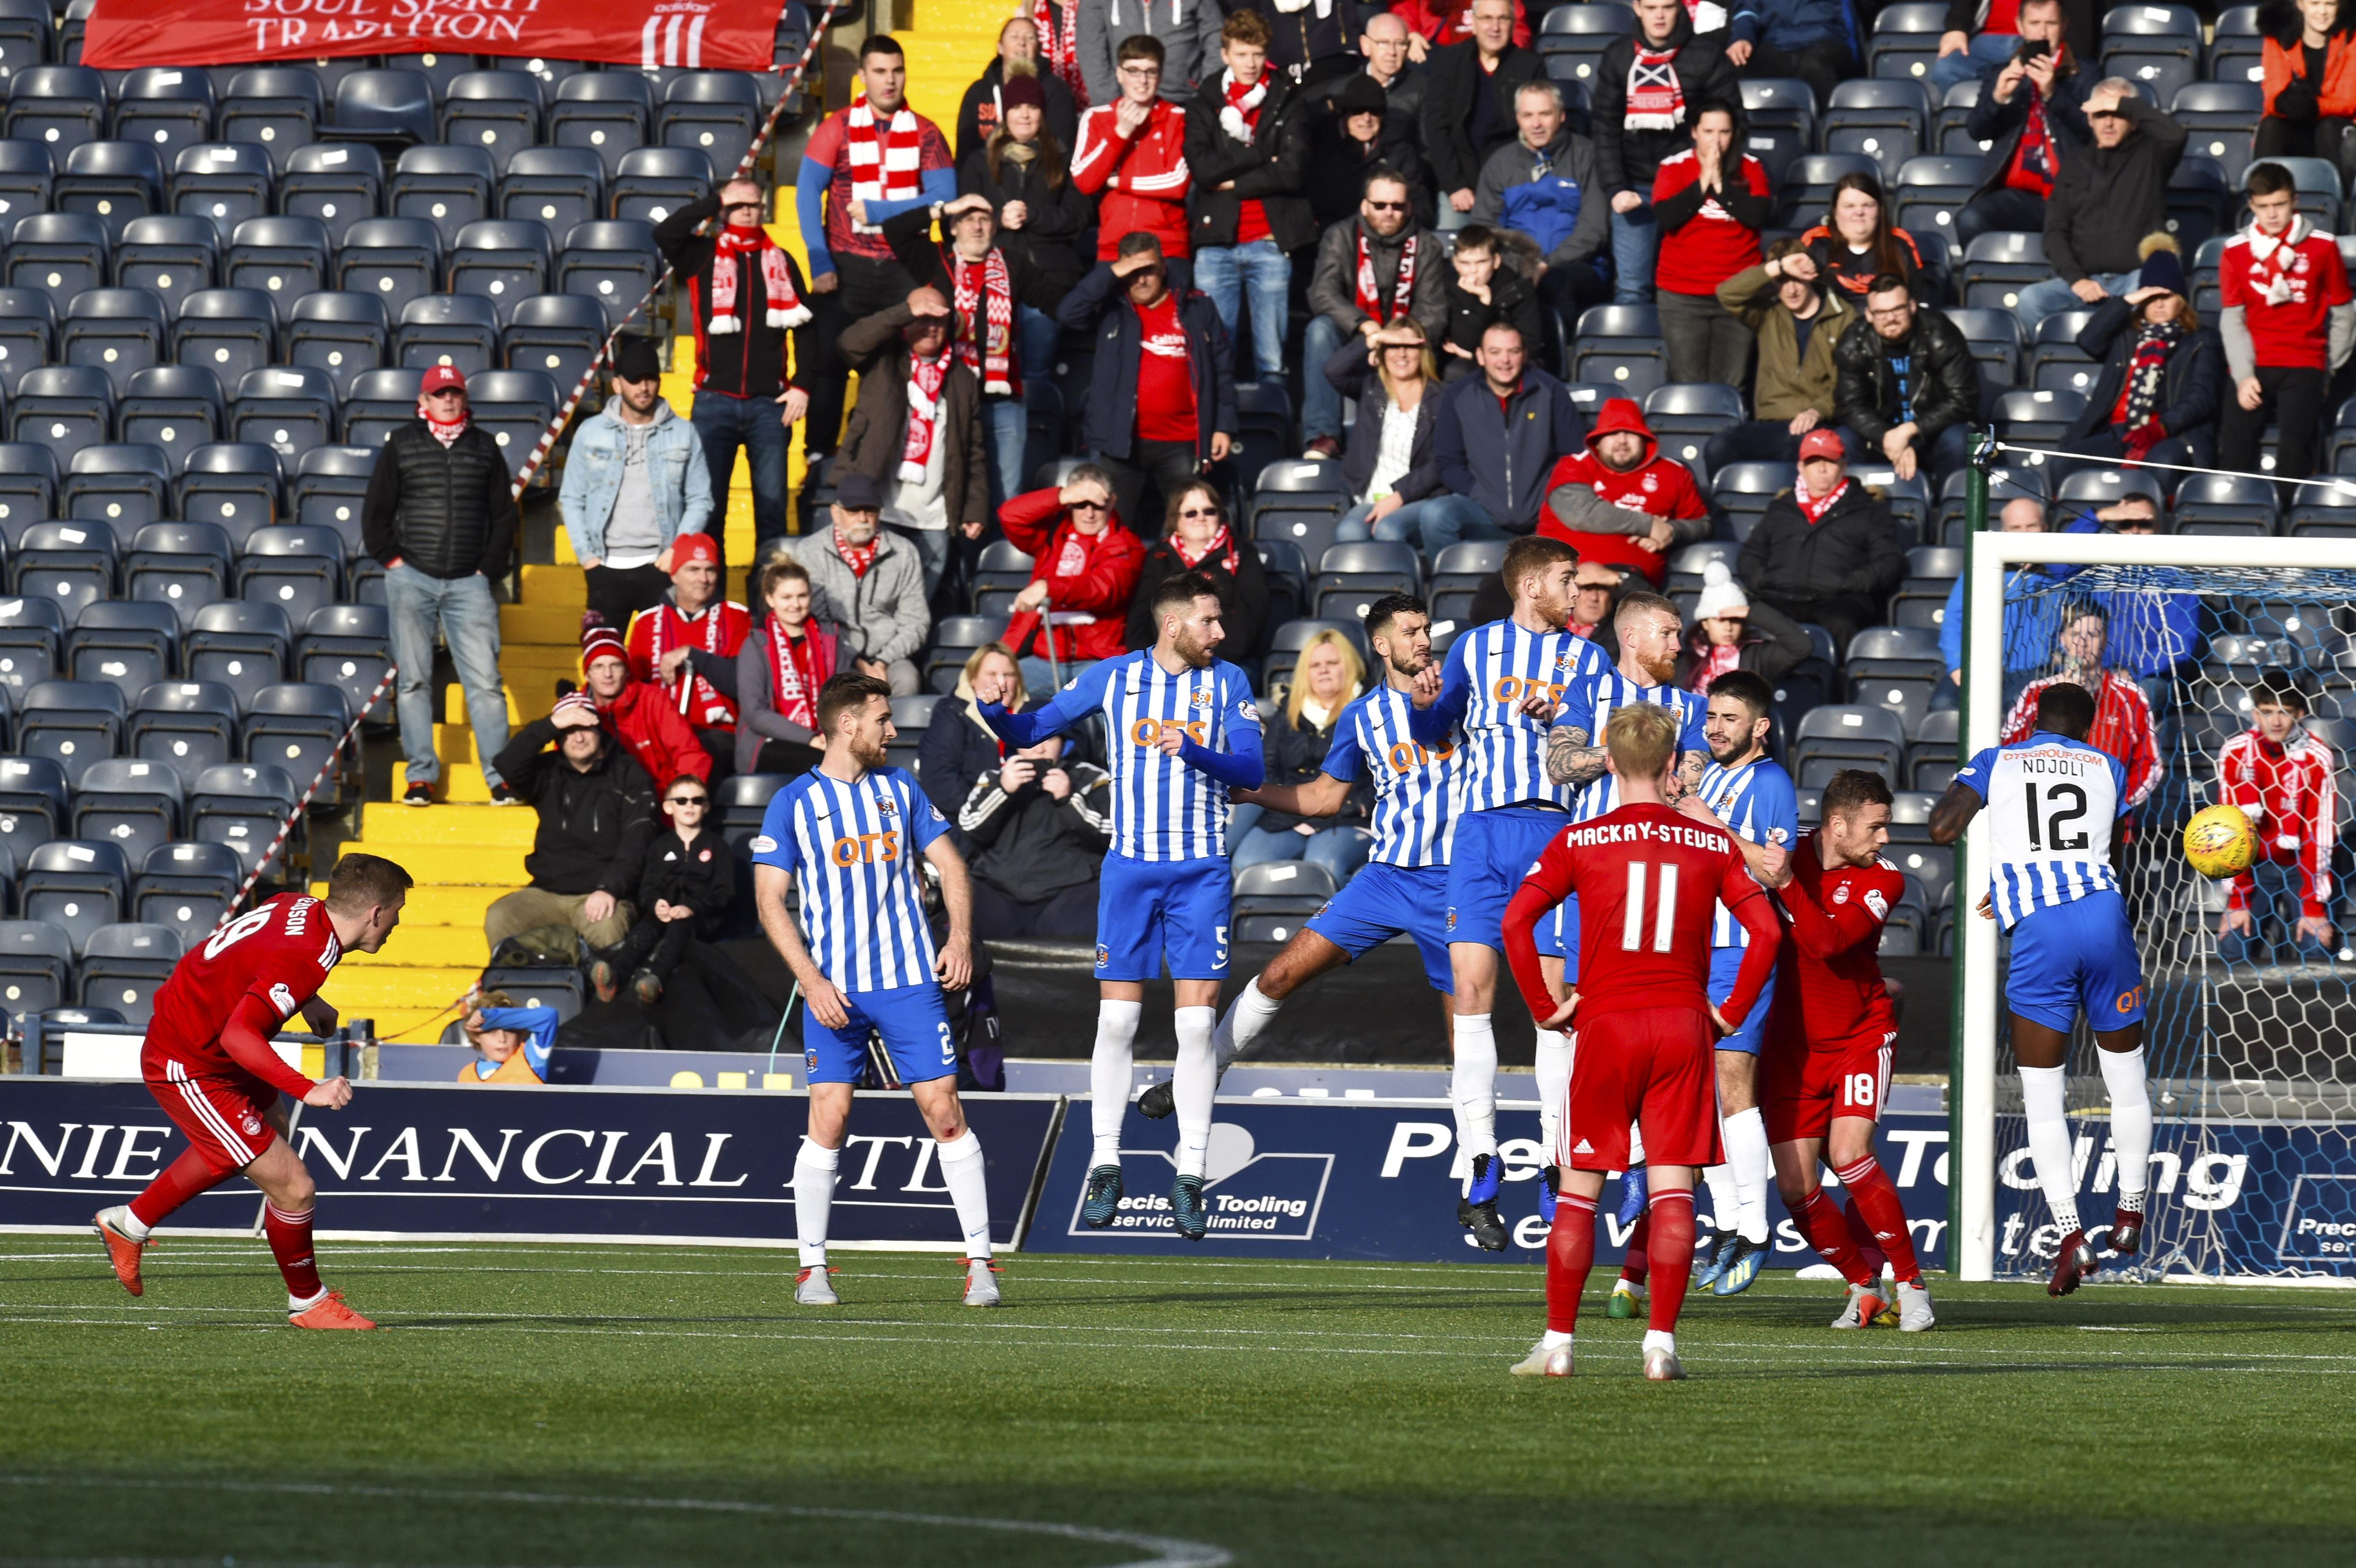 Aberdeen's Lewis Ferguson scores to make it 2-1.